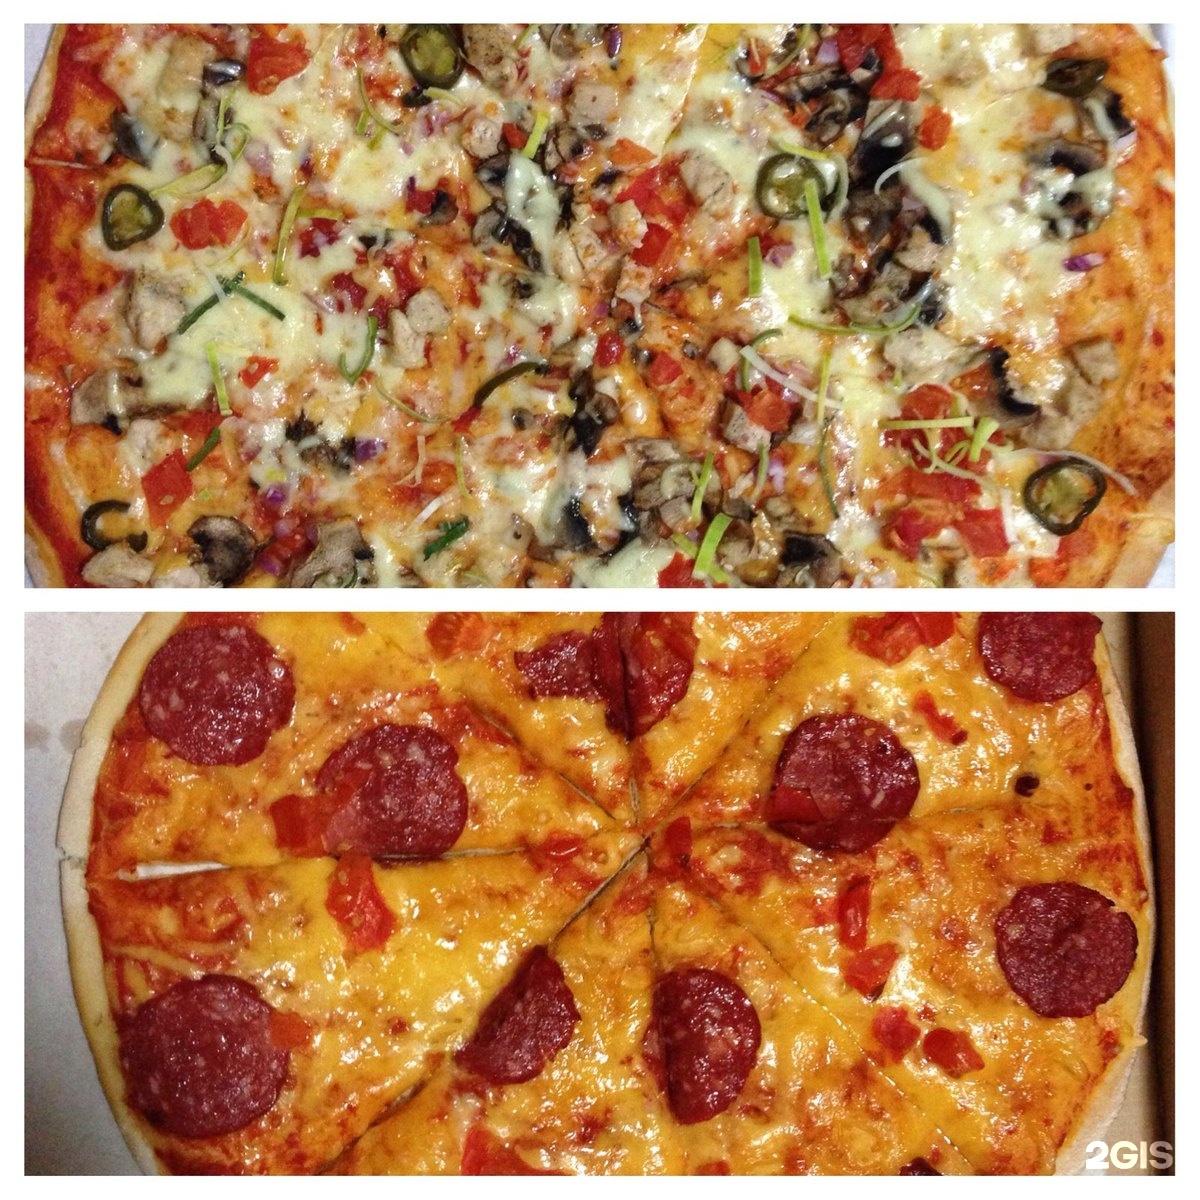 Самые свежие и актуальные отзывы о new york pizza (доставка пиццы).